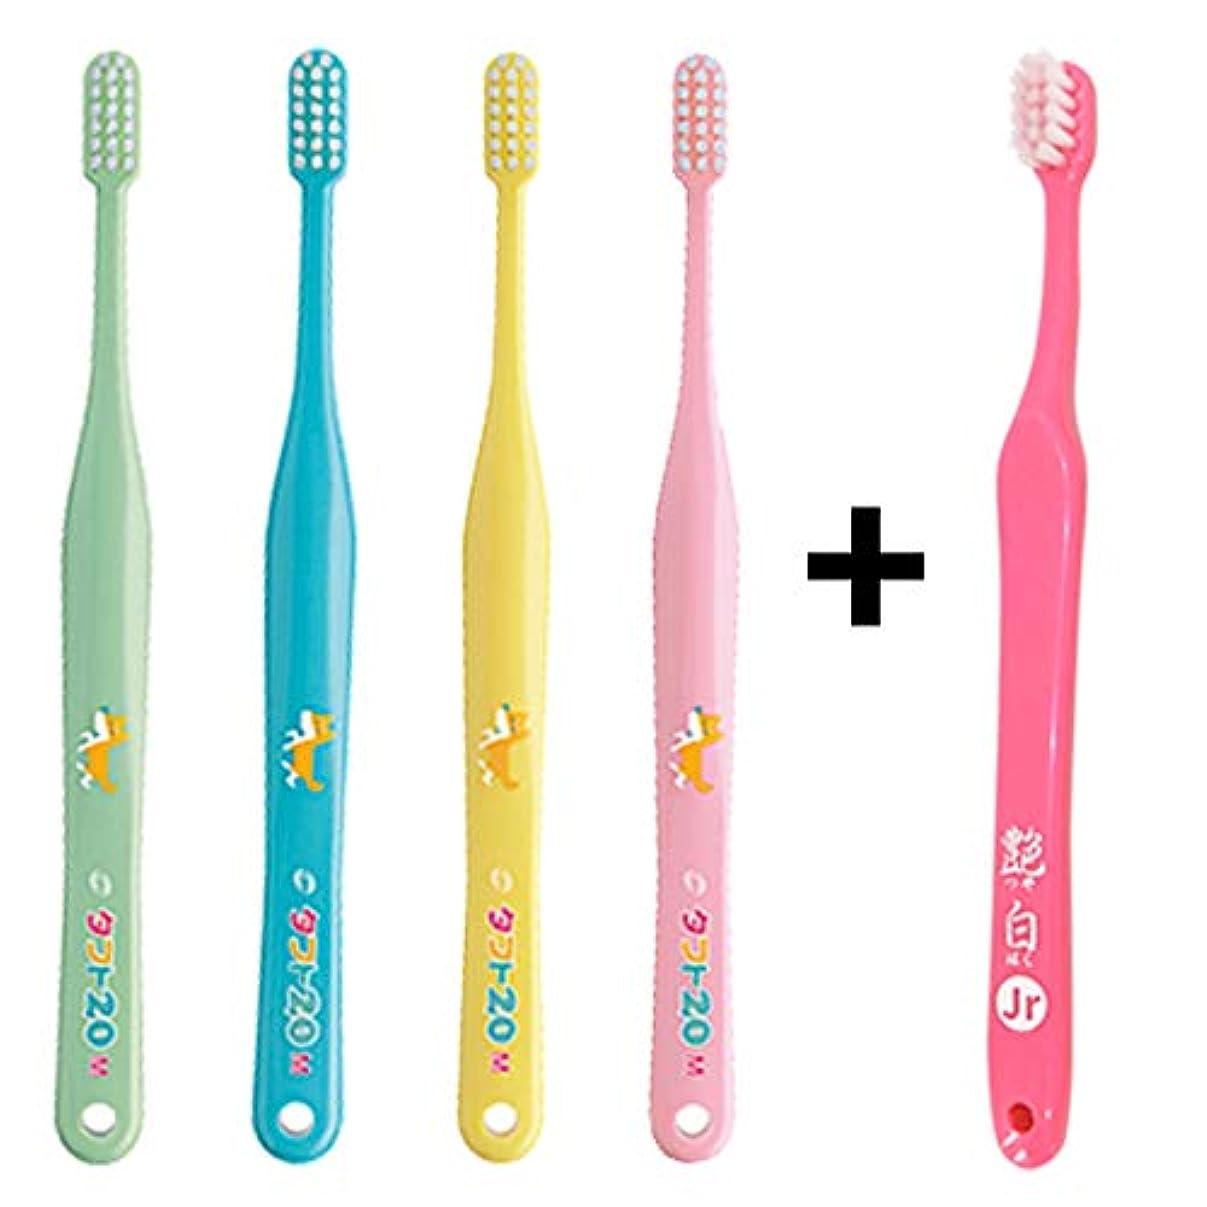 バーゲン合併ホットタフト20 M(ふつう) こども 歯ブラシ×10本 + 艶白(つやはく) Jr ジュニア ハブラシ×1本 MS(やややわらかめ) 日本製 歯科専売品